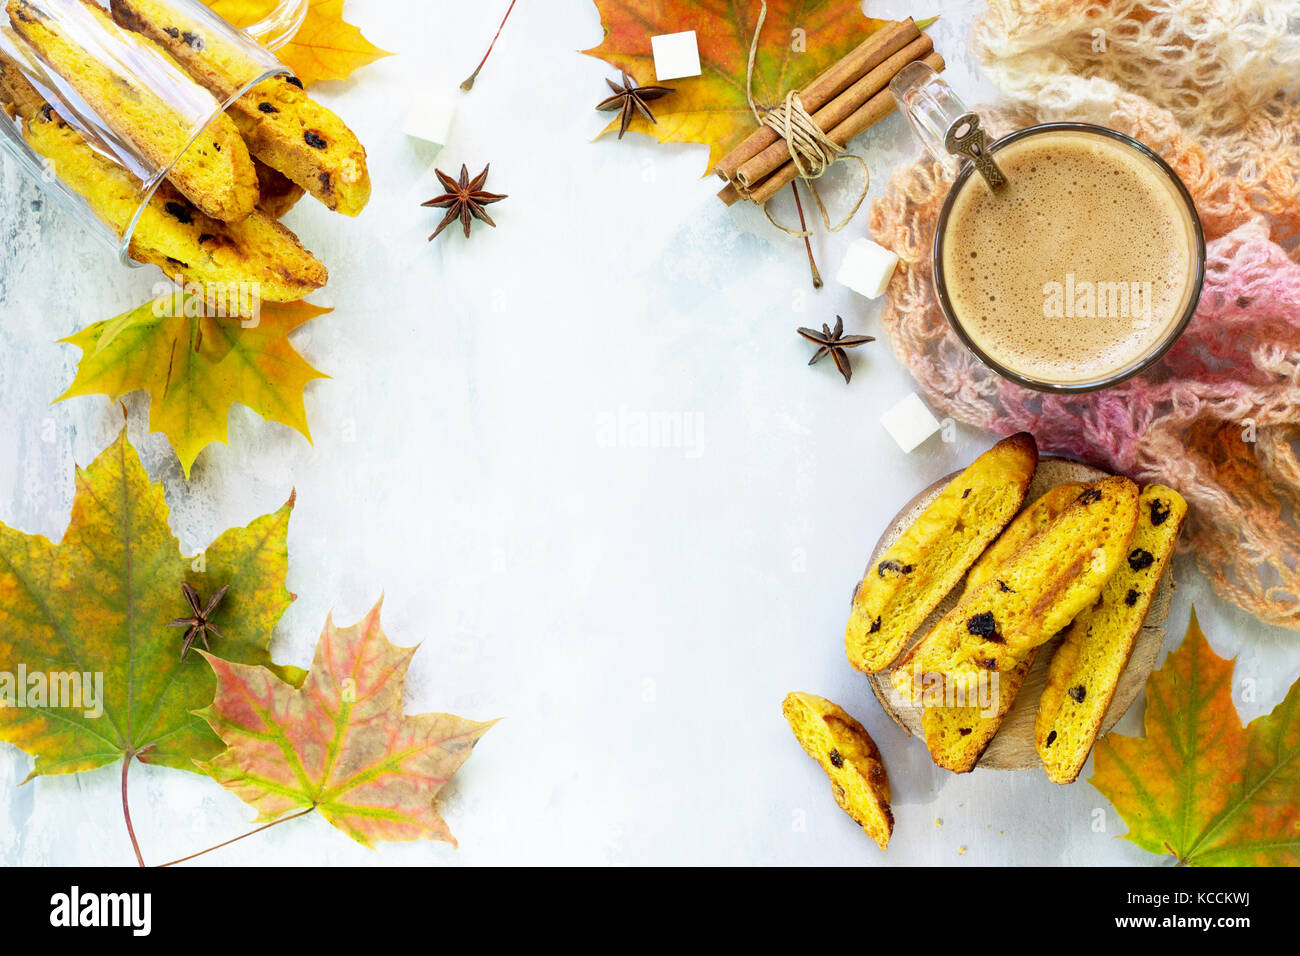 Pane appena sfornato uvetta e cannella biscotti e una tazza di caffè cappuccino su una cucina un tavolo di Immagini Stock